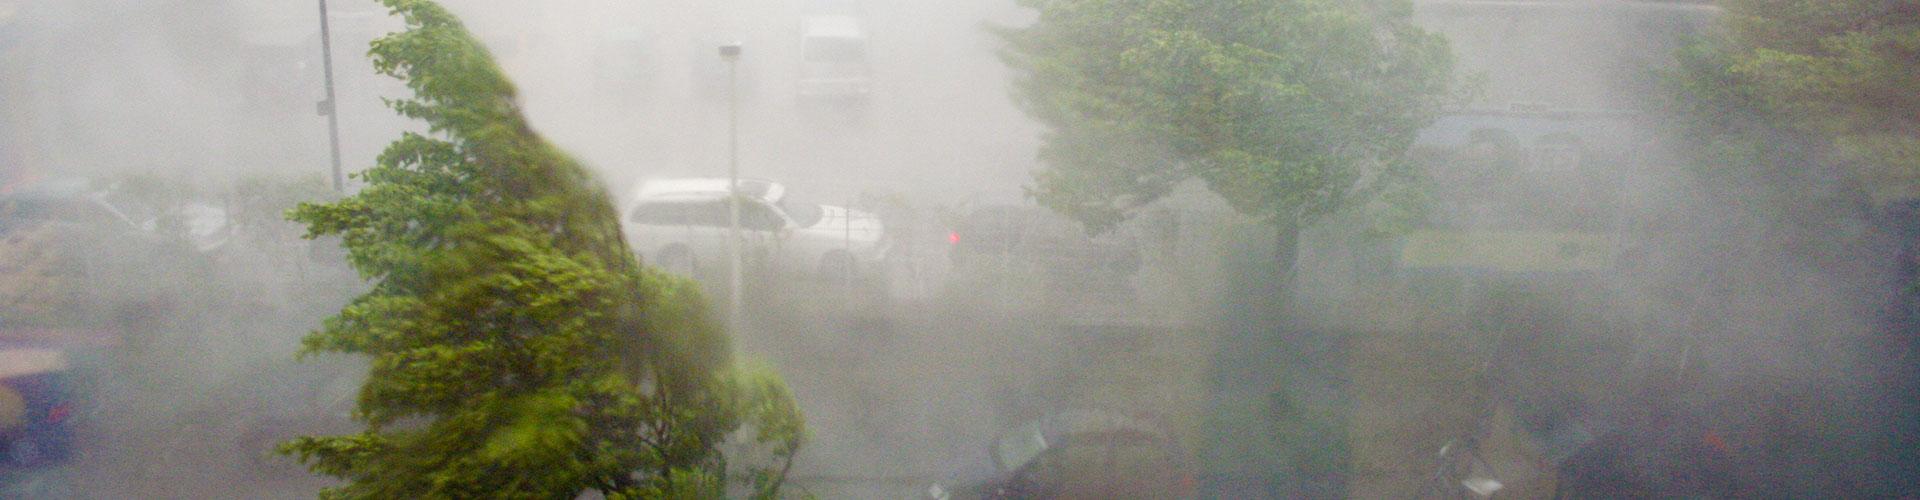 Gewittersturm. Foto: NABU/Helge May